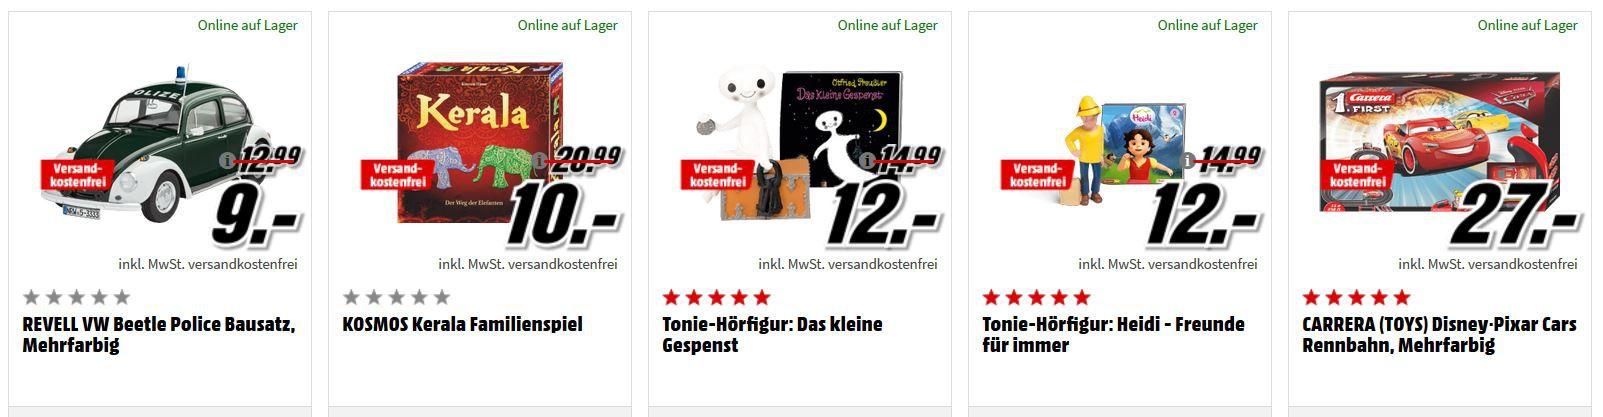 Hyrican CyberGamer 5713 PC für 699€ (statt 806€) uvm. im Media Markt Dienstag Sale